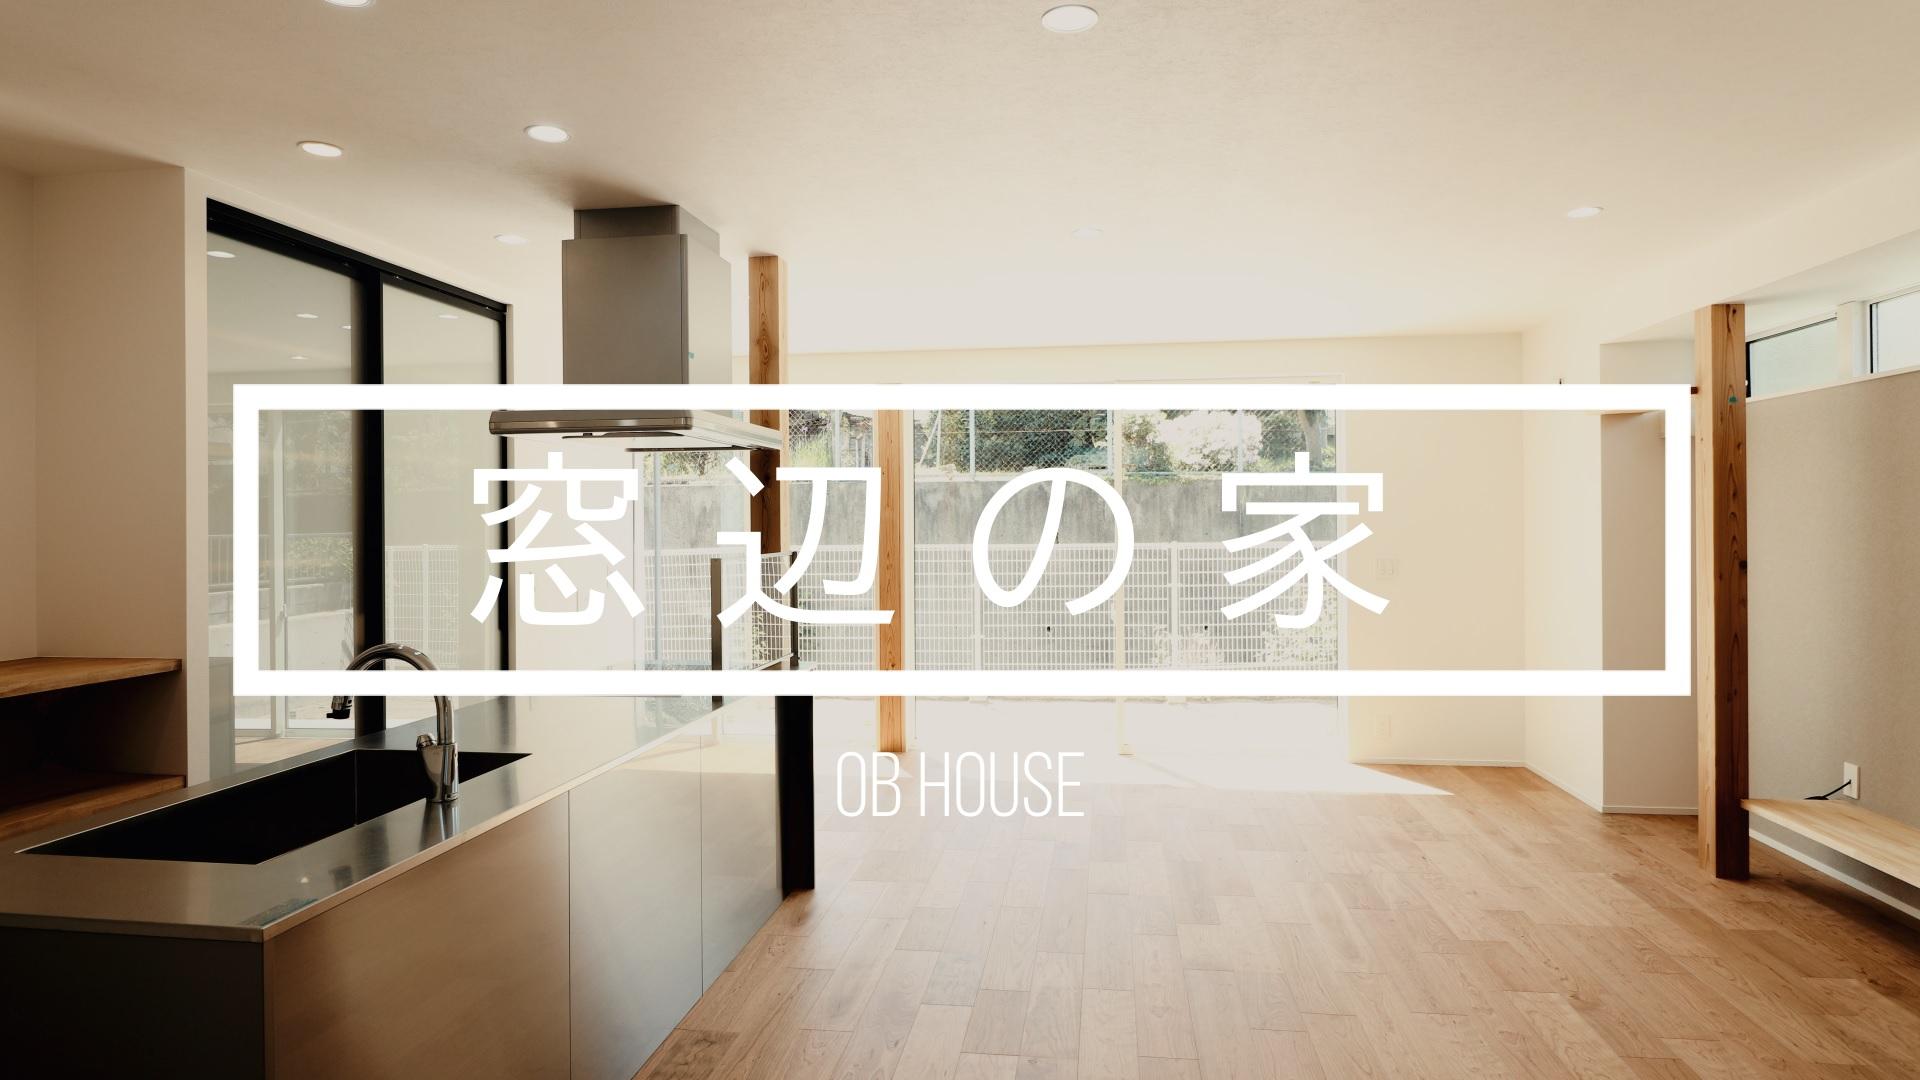 「窓辺の家」OB HOUSEムービー公開